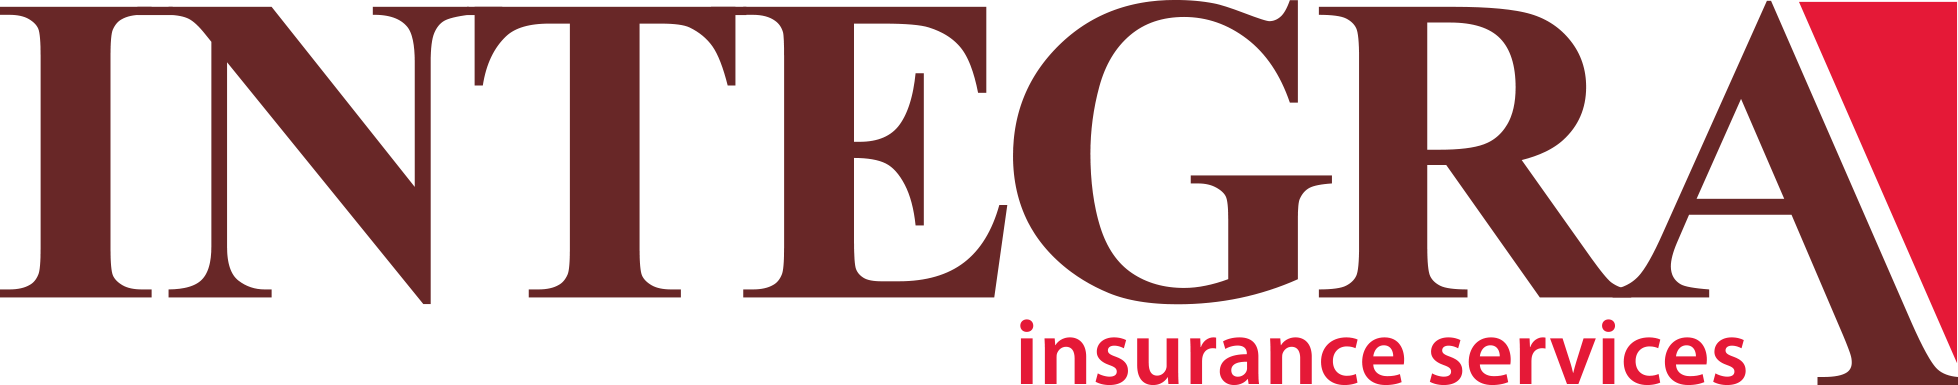 Valerie Donaghy Insurance logo